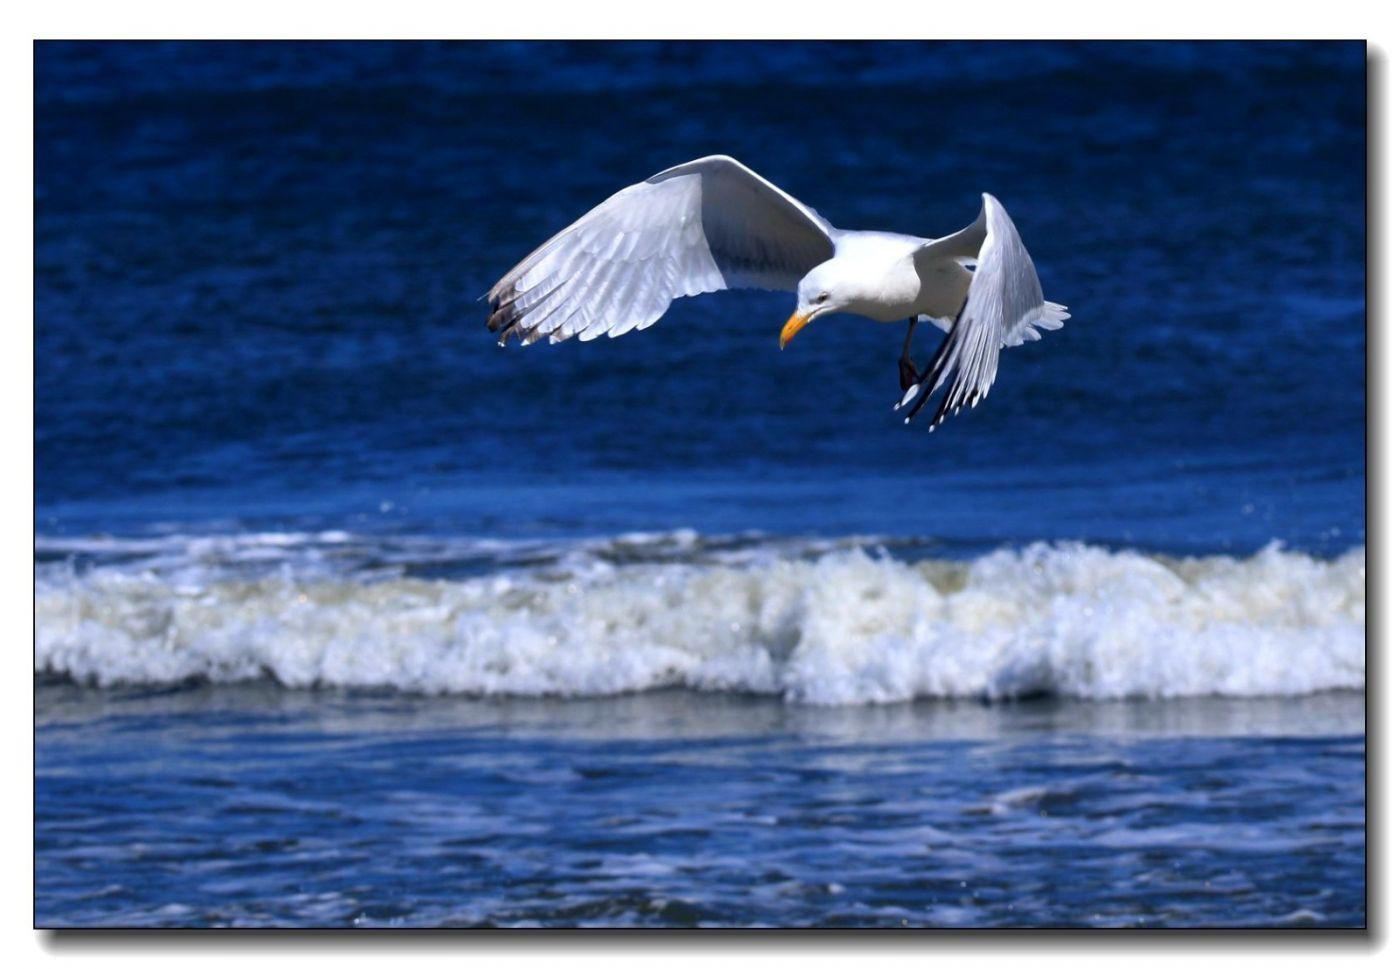 洛克威海滩拍鸟-银鸥_图1-12